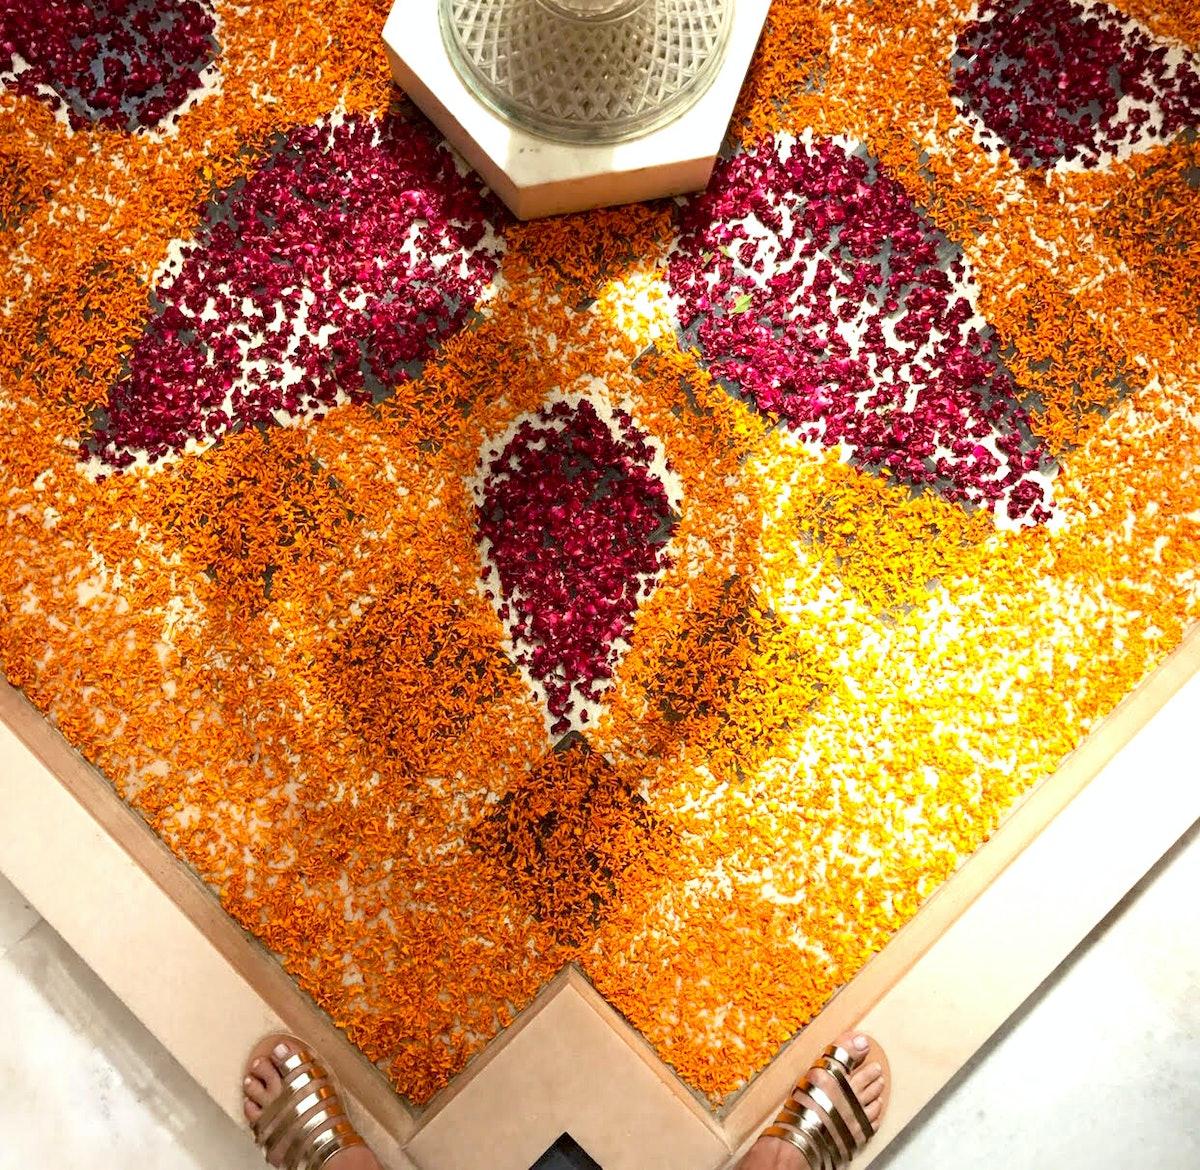 India_Taj_Mahal_Flower_Petals.jpg